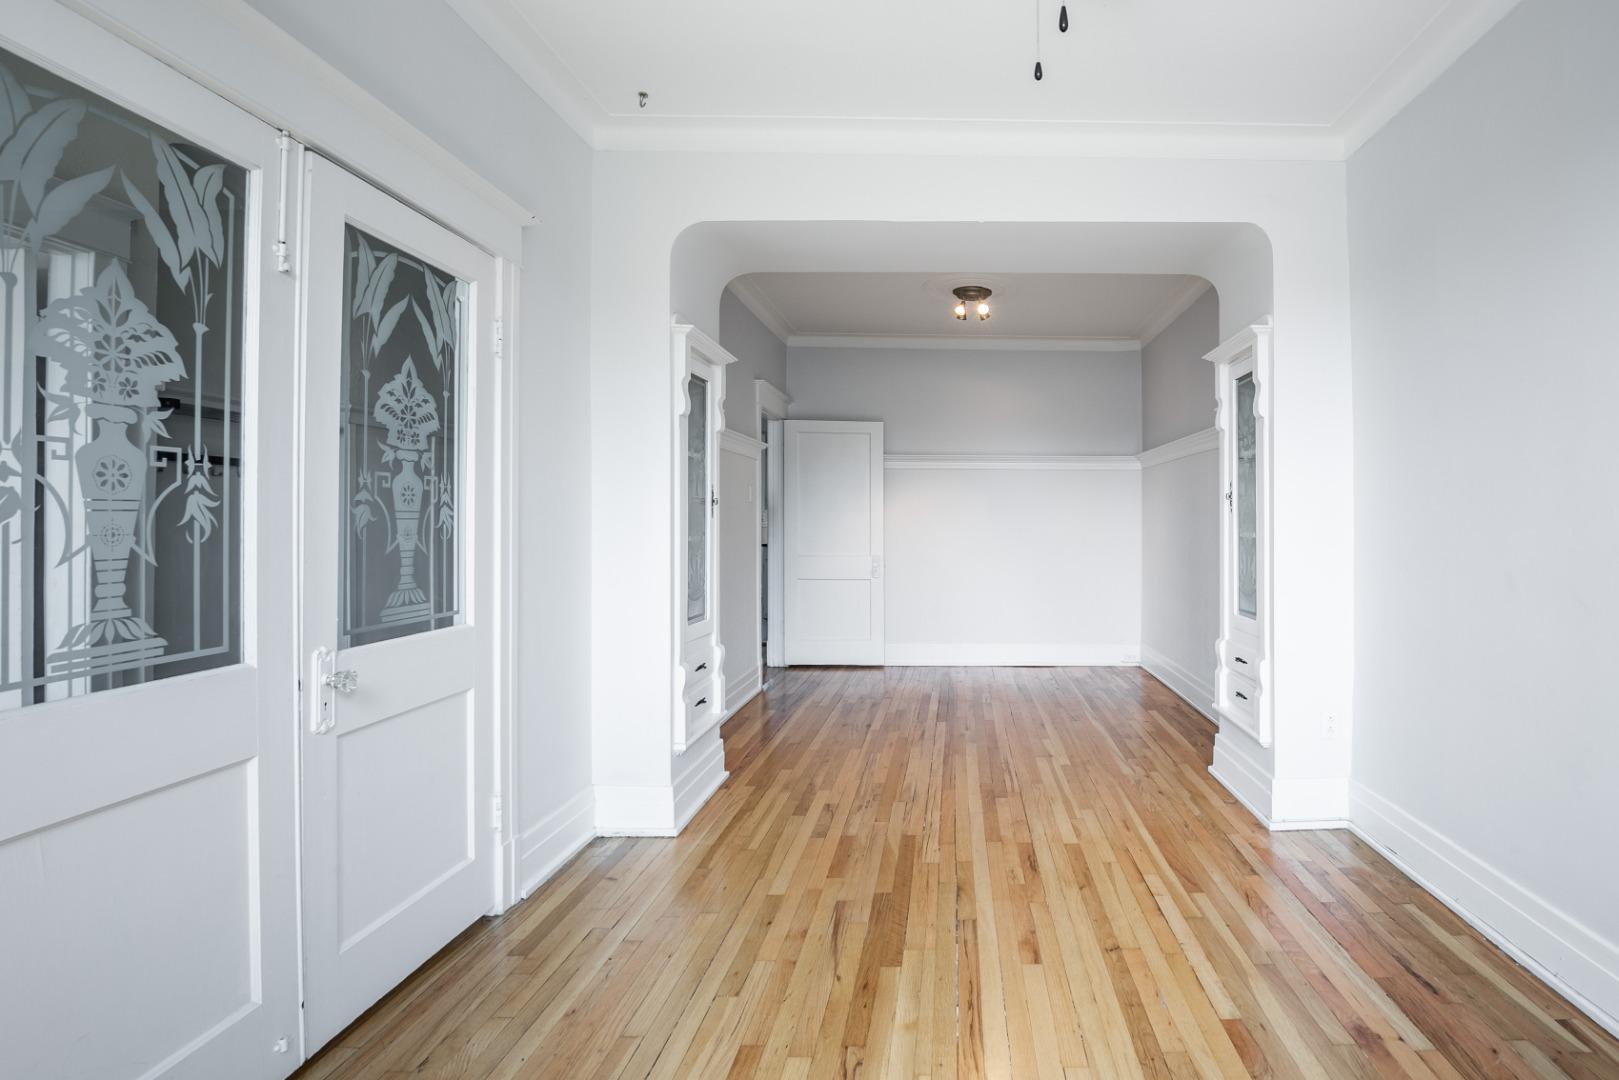 Appartement à louer Rosemont - 6403, rue de Bordeaux 10